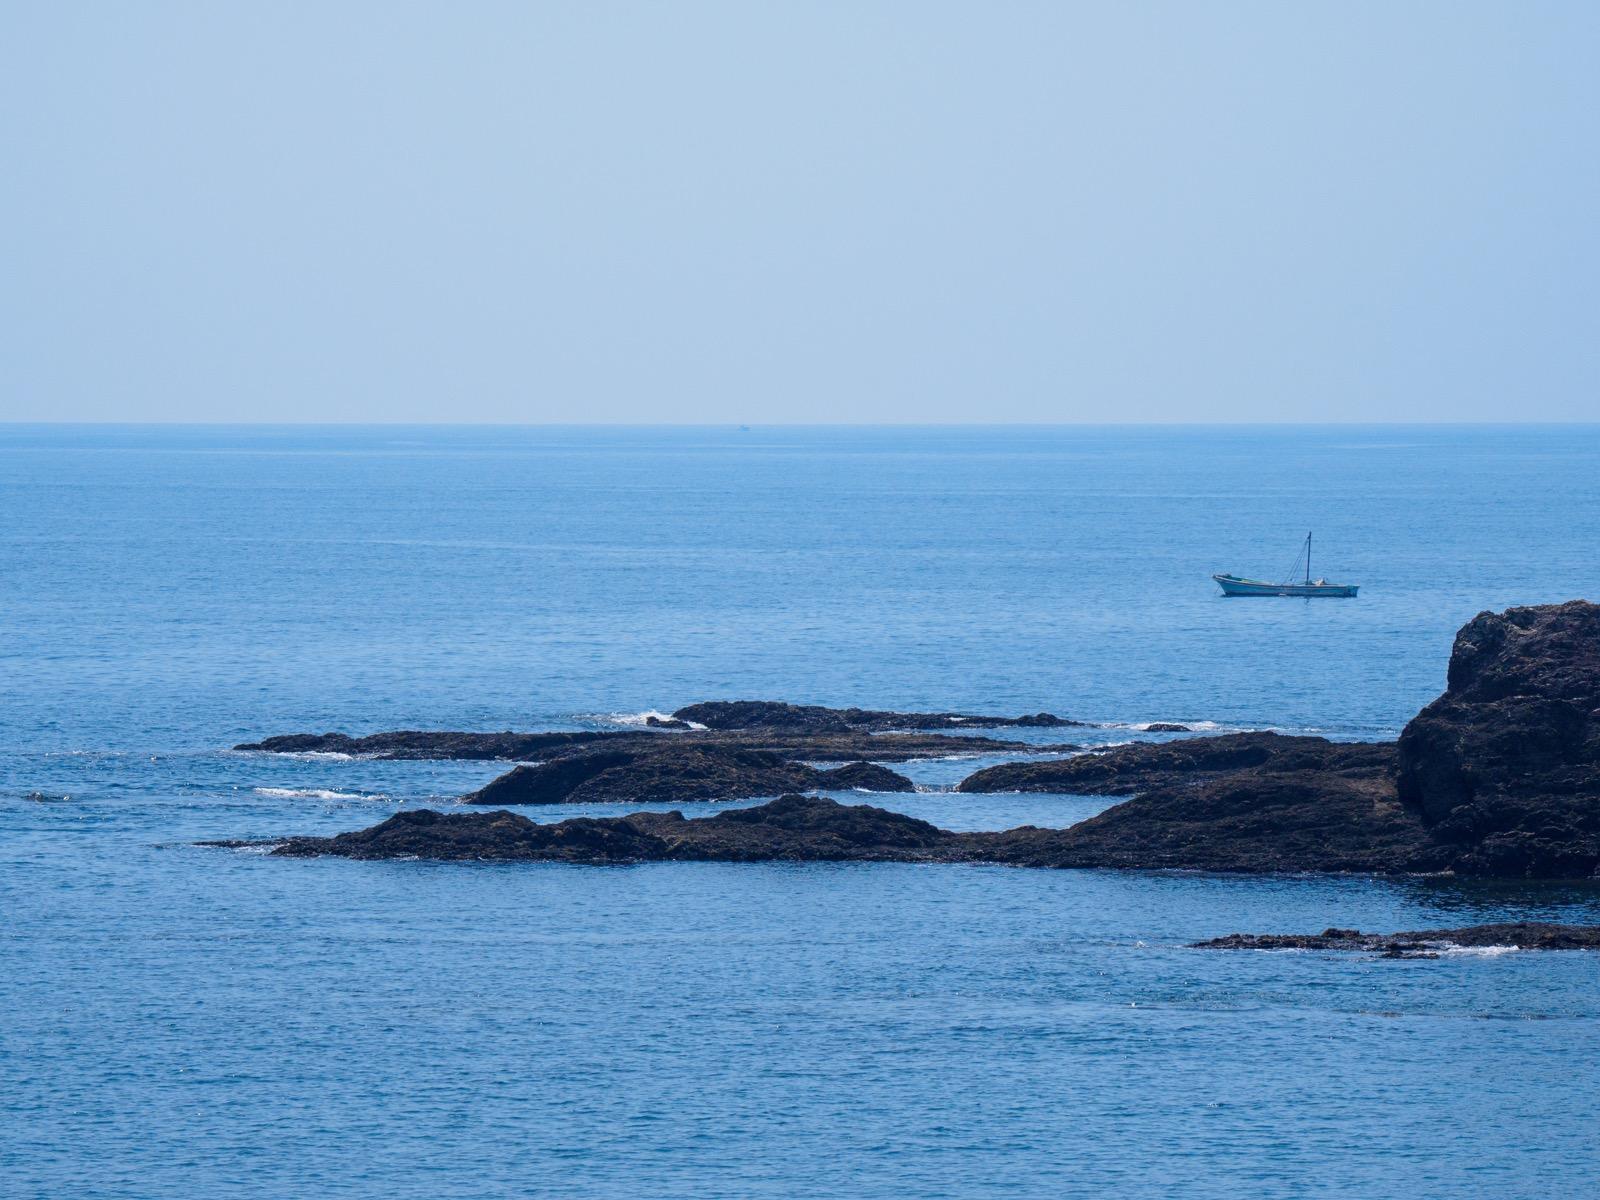 鯖瀬駅そばの海岸から見た太平洋